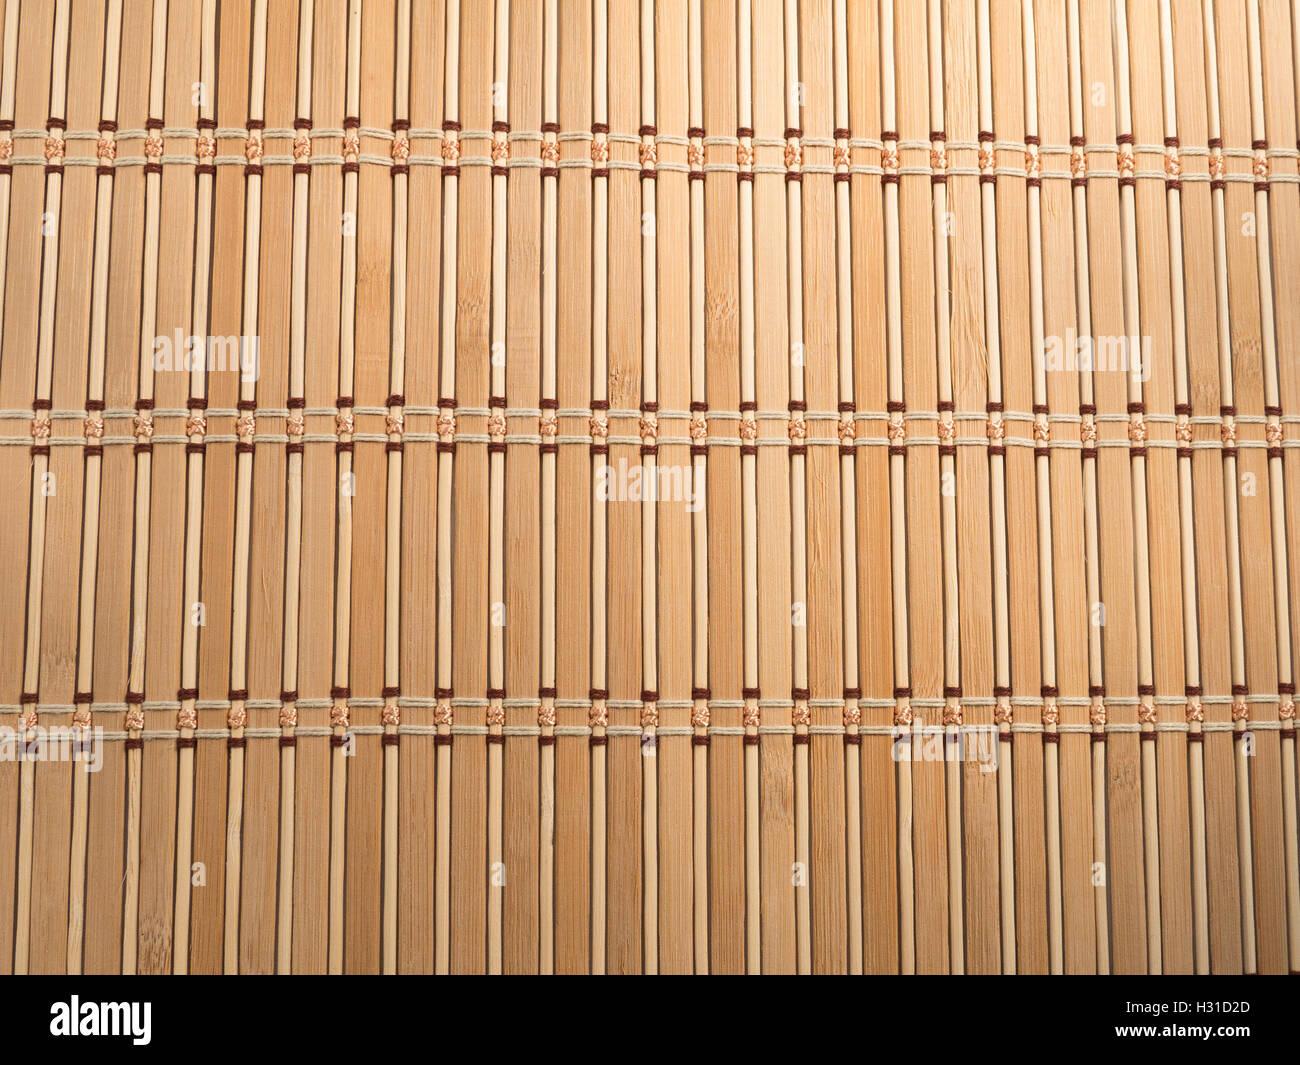 Bamboo Door Imágenes De Stock & Bamboo Door Fotos De Stock - Alamy